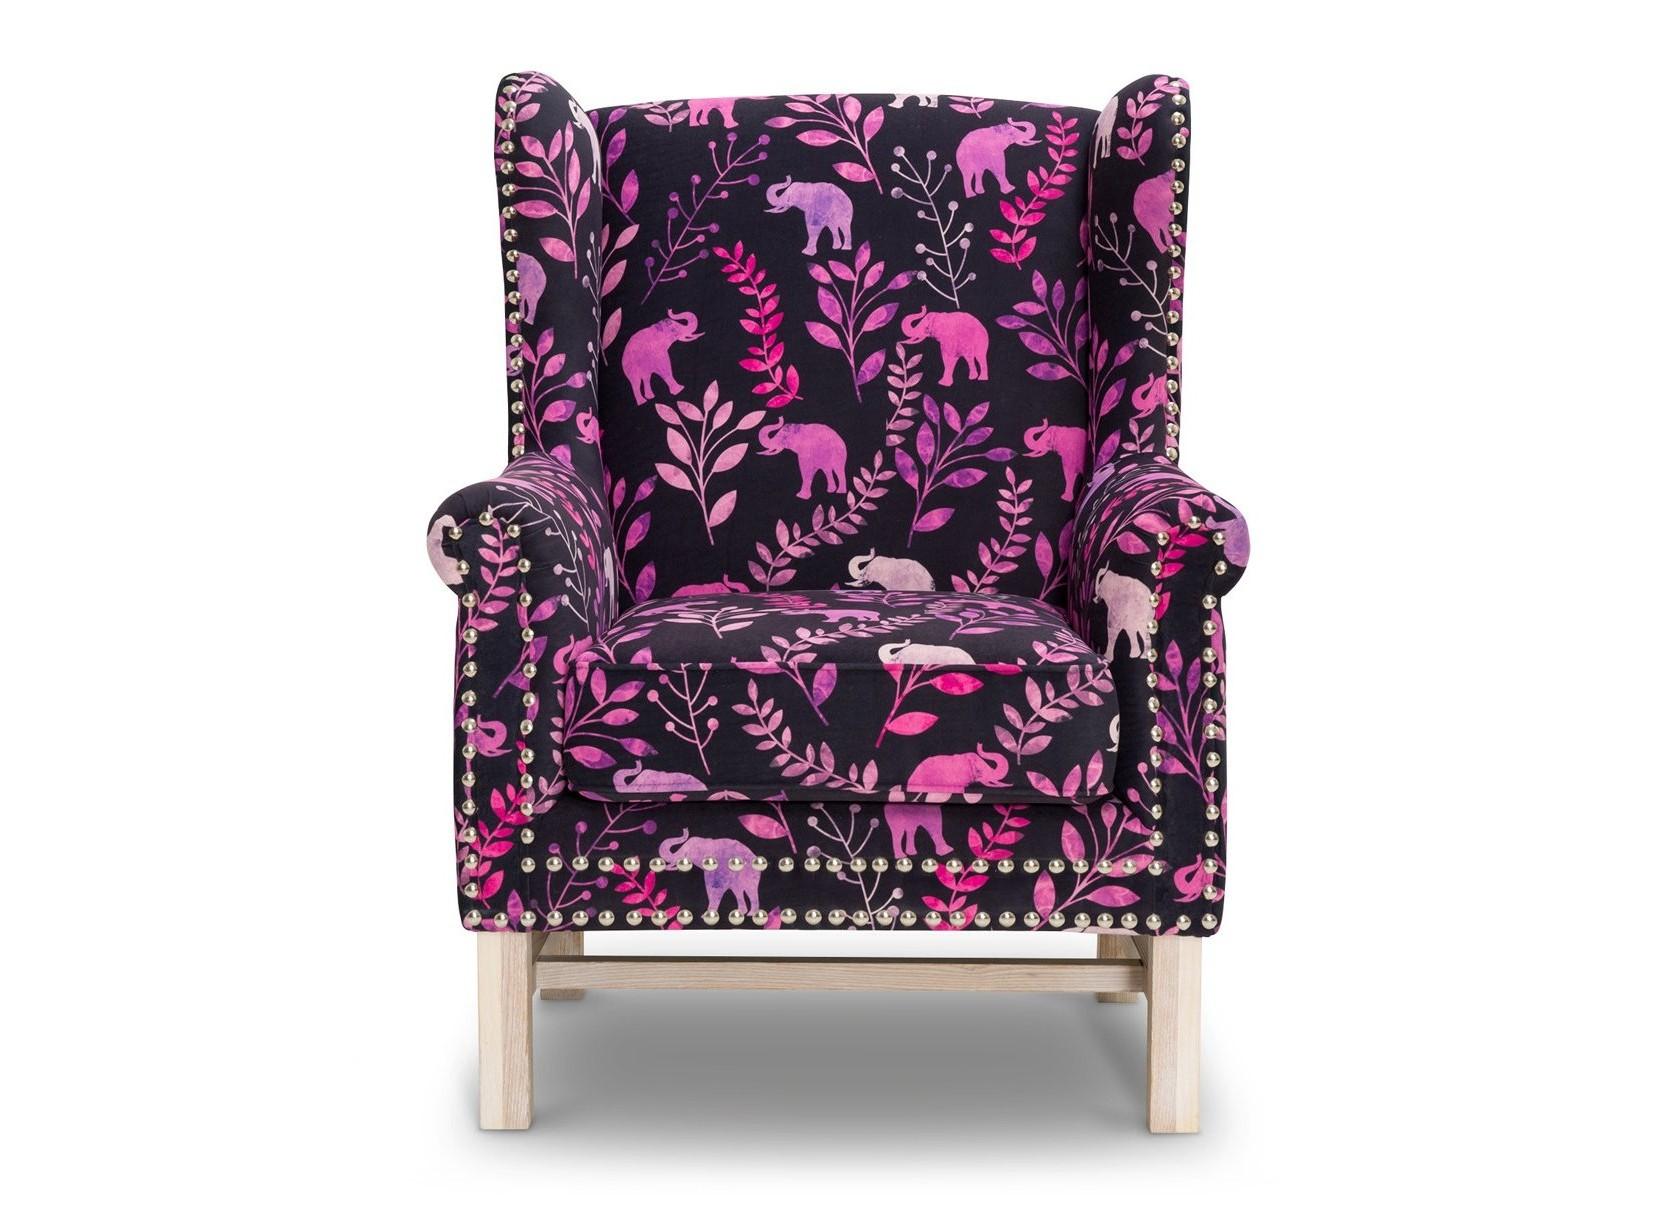 Кресло Elefant PinkИнтерьерные кресла<br>&amp;lt;div&amp;gt;Уникальный дизайн. Кресло с дизайном от &amp;amp;nbsp;художника Амира Файсала (Бангладеш) - его работы наполнены этническими мотивами и абстрактными образами. А также забавными иллюстрациями.&amp;lt;/div&amp;gt;&amp;lt;div&amp;gt;&amp;lt;span style=&amp;quot;font-size: 14px;&amp;quot;&amp;gt;Модель представлена в ткани микровелюр – мягкий, бархатистый материал, широко используемый в качестве обивки для мебели. Обладает целым рядом замечательных свойств: отлично пропускает воздух, отталкивает пыль и долго сохраняет изначальный цвет, не протираясь и не выцветая. Высокие эксплуатационные свойства в сочетании с превосходным дизайном обеспечили микровелюру большую популярность.&amp;lt;/span&amp;gt;&amp;lt;br&amp;gt;&amp;lt;/div&amp;gt;&amp;lt;div&amp;gt;&amp;lt;span style=&amp;quot;font-size: 14px;&amp;quot;&amp;gt;&amp;lt;br&amp;gt;&amp;lt;/span&amp;gt;&amp;lt;/div&amp;gt;&amp;lt;div&amp;gt;&amp;lt;span style=&amp;quot;font-size: 14px;&amp;quot;&amp;gt;Варианты исполнения: п&amp;lt;/span&amp;gt;&amp;lt;span style=&amp;quot;font-size: 14px;&amp;quot;&amp;gt;о желанию возможность выбрать ткань из других коллекций.&amp;lt;/span&amp;gt;&amp;lt;/div&amp;gt;&amp;lt;div&amp;gt;Гарантия: от производителя 1 год&amp;lt;/div&amp;gt;&amp;lt;div&amp;gt;&amp;lt;br&amp;gt;&amp;lt;/div&amp;gt;&amp;lt;div&amp;gt;&amp;lt;span style=&amp;quot;font-size: 14px;&amp;quot;&amp;gt;Материалы: ножки дуб, текстиль.&amp;lt;/span&amp;gt;&amp;lt;br&amp;gt;&amp;lt;/div&amp;gt;&amp;lt;div&amp;gt;&amp;lt;span style=&amp;quot;font-size: 14px;&amp;quot;&amp;gt;Продукция изготавливается под заказ, стандартный срок производства 3-4 недели. Более точную информацию уточняйте у менеджера.&amp;lt;/span&amp;gt;&amp;lt;br&amp;gt;&amp;lt;/div&amp;gt;&amp;lt;div&amp;gt;&amp;lt;span style=&amp;quot;font-size: 14px;&amp;quot;&amp;gt;Произведено из экологически чистых материалов.&amp;amp;nbsp;&amp;lt;/span&amp;gt;&amp;lt;/div&amp;gt;&amp;lt;div&amp;gt;&amp;l